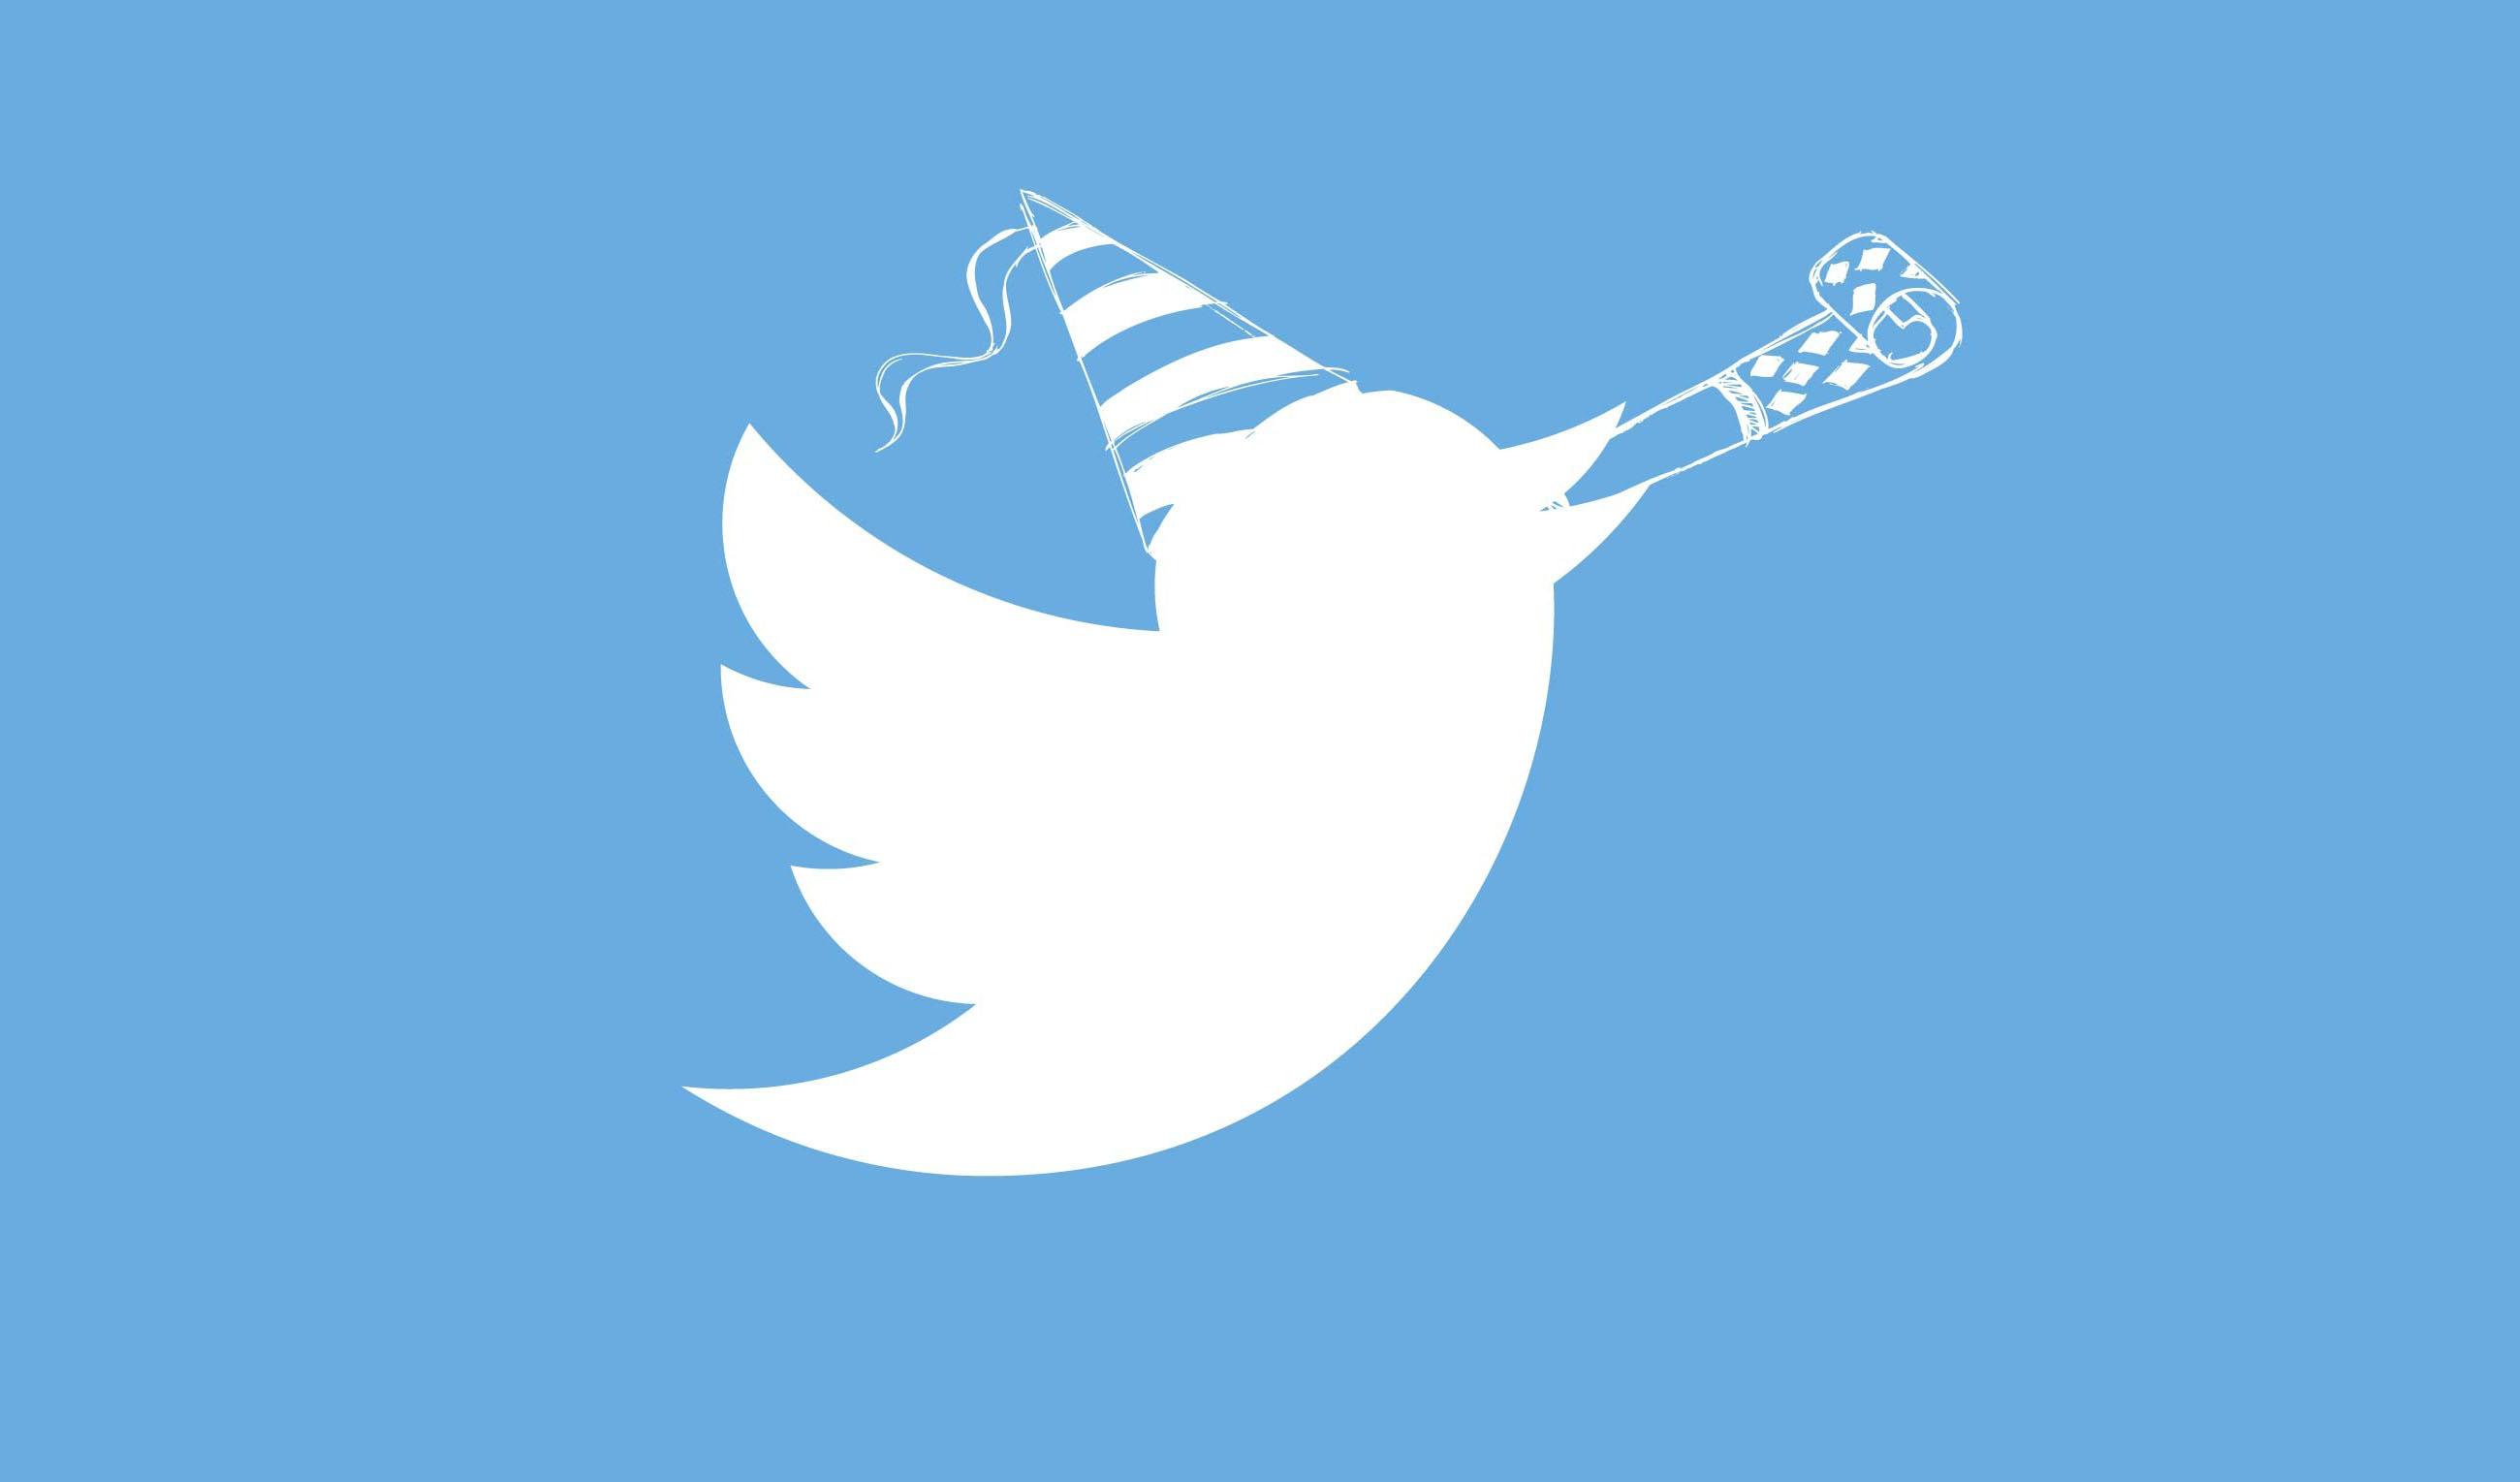 توییتر شبکهای برای همه